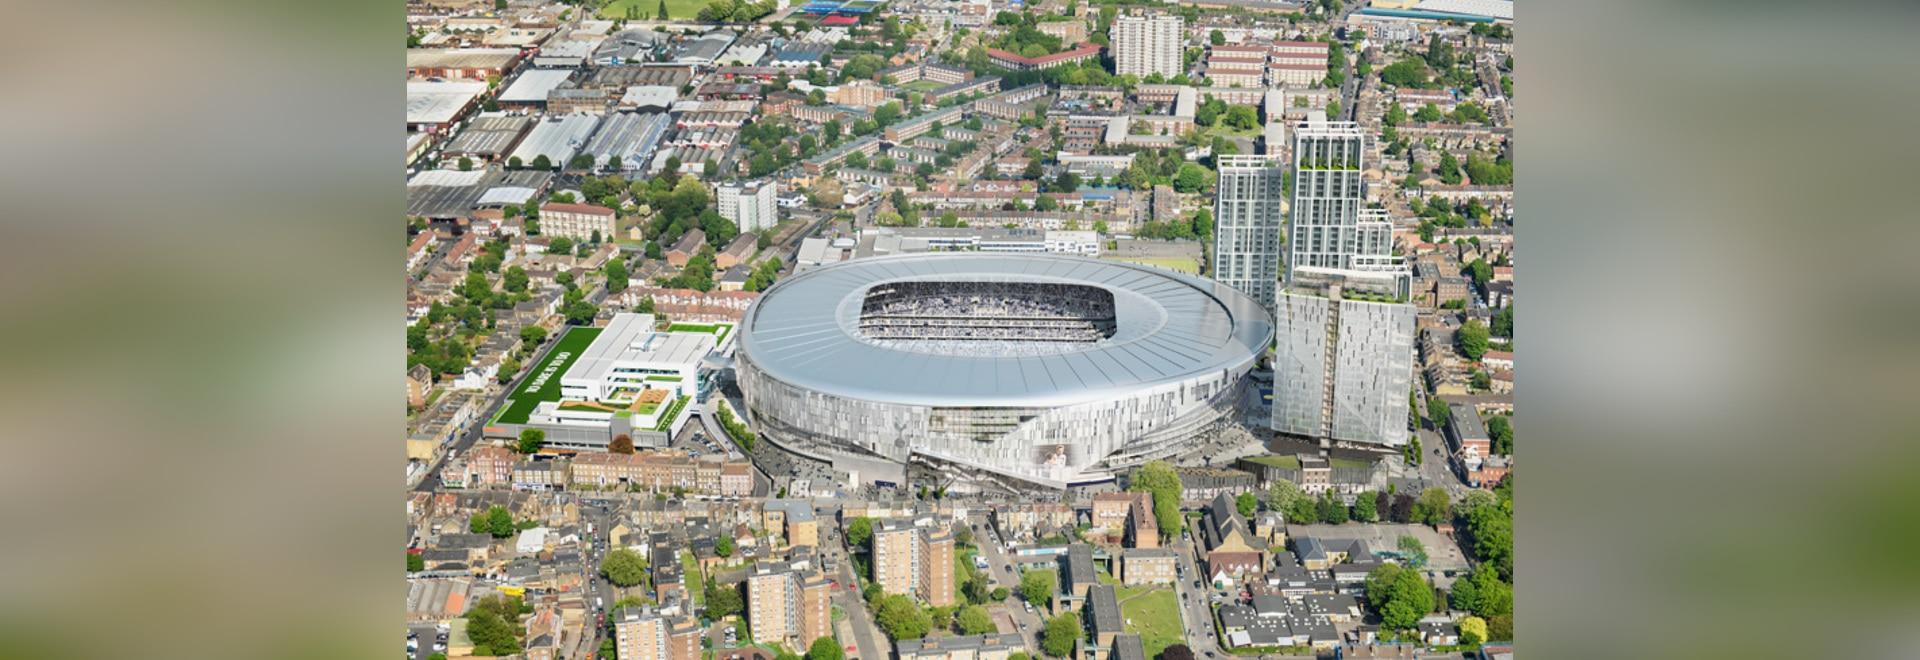 estadio populoso-diseñado para que hotspur de Tottenham reciba juegos de NFL